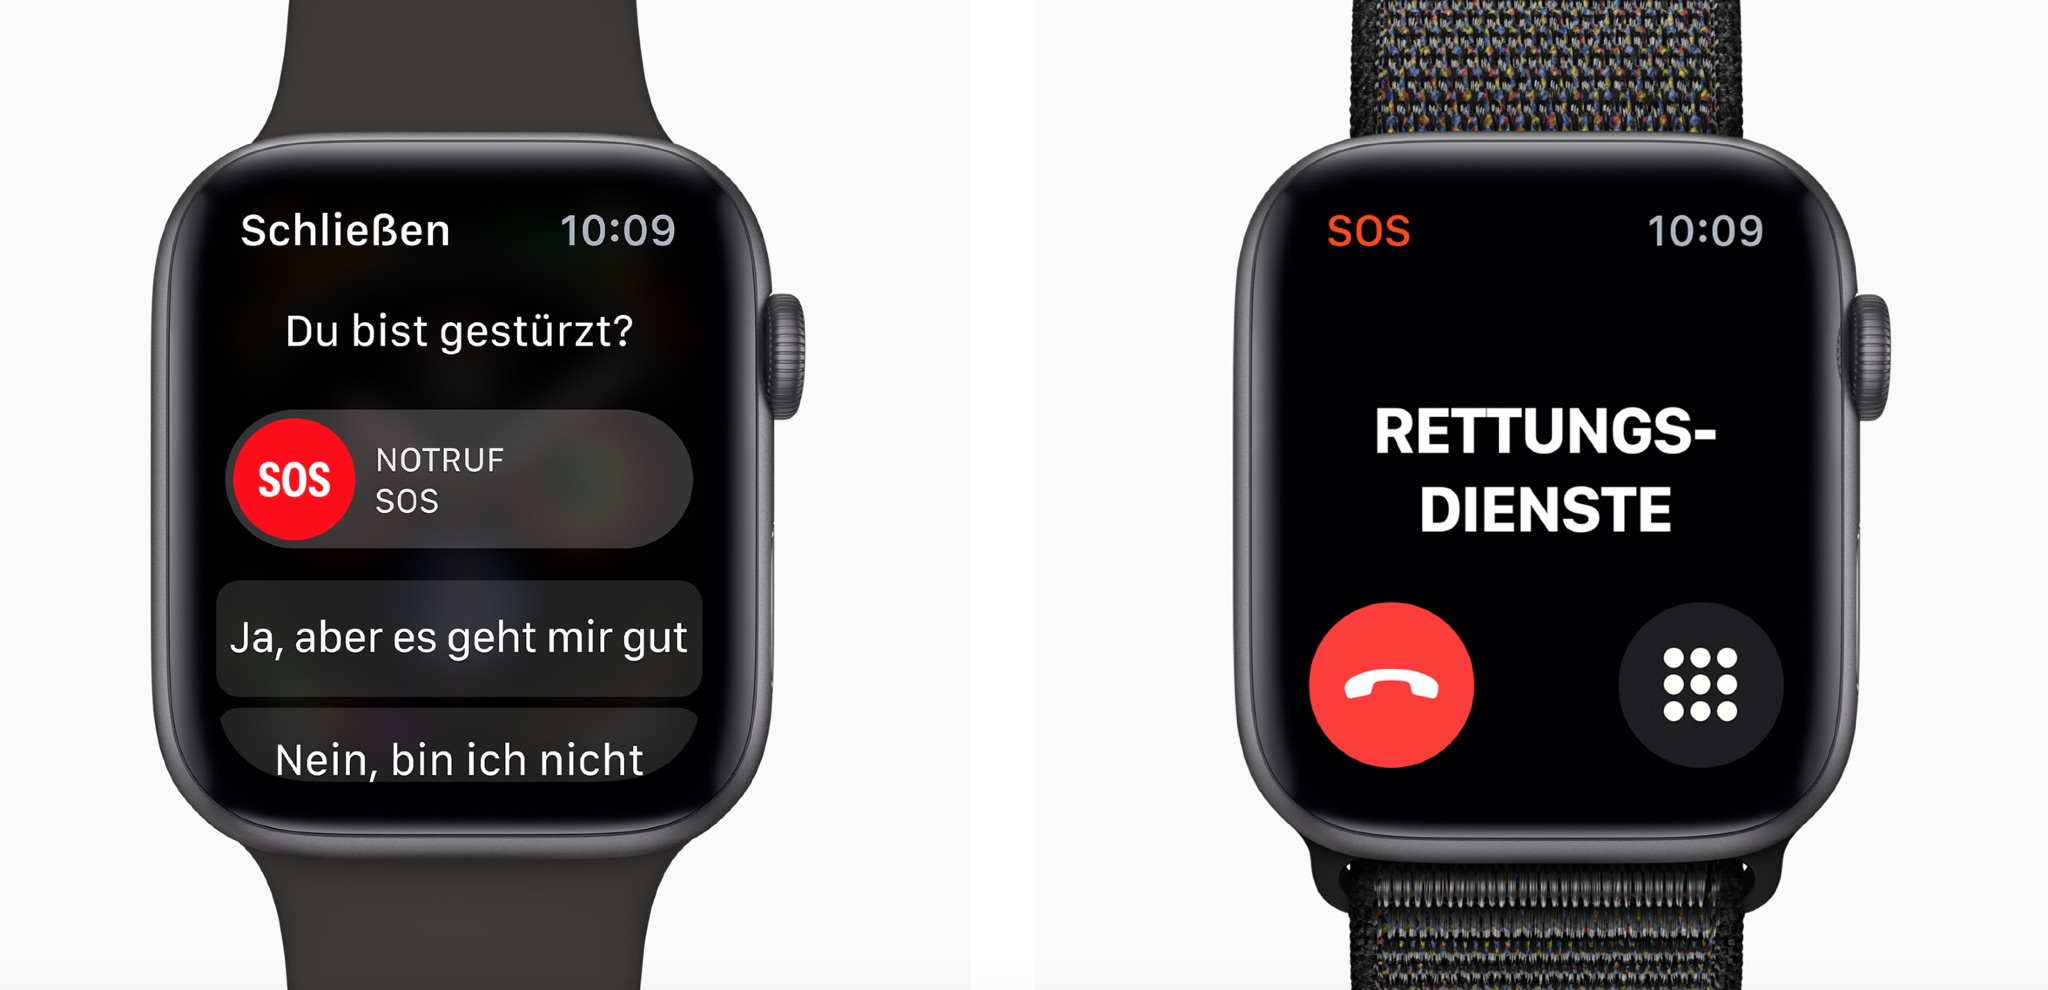 Apple Watch: Sturzerkennung alarmiert Rettungskräfte nach Unfall › Macerkopf